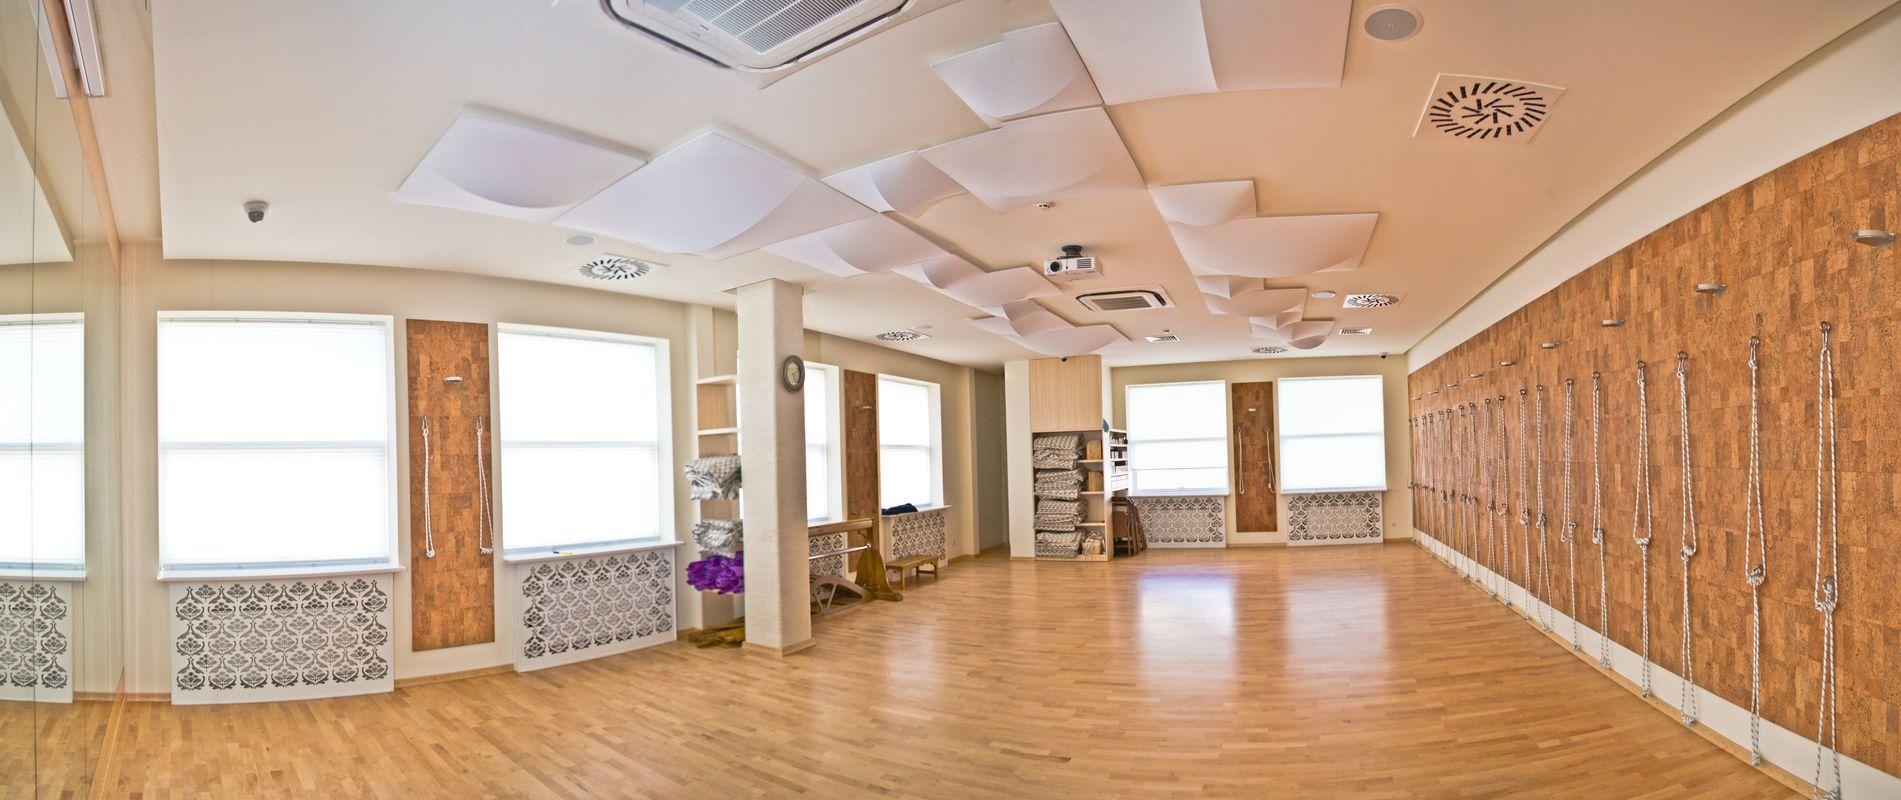 Йога центр exhale на победы, дом 5: фото дизайна интерьера